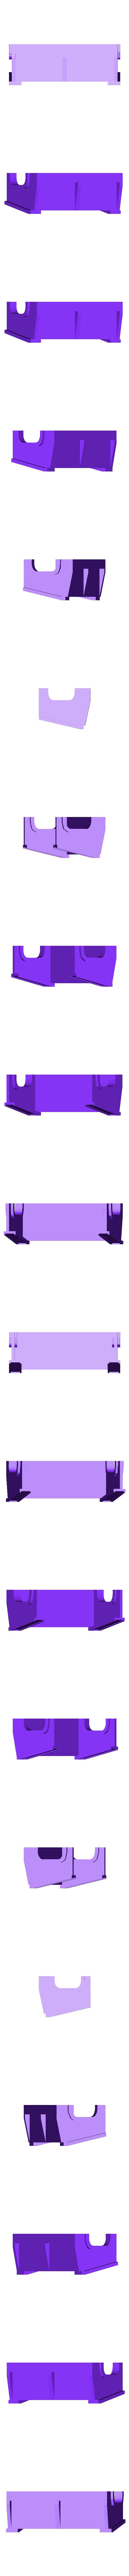 Luis_Furniture_processor_console.stl Télécharger fichier STL gratuit Ensemble de meubles inspiré par Wolfenstein pour le jeu de guerre • Modèle pour imprimante 3D, El_Mutanto